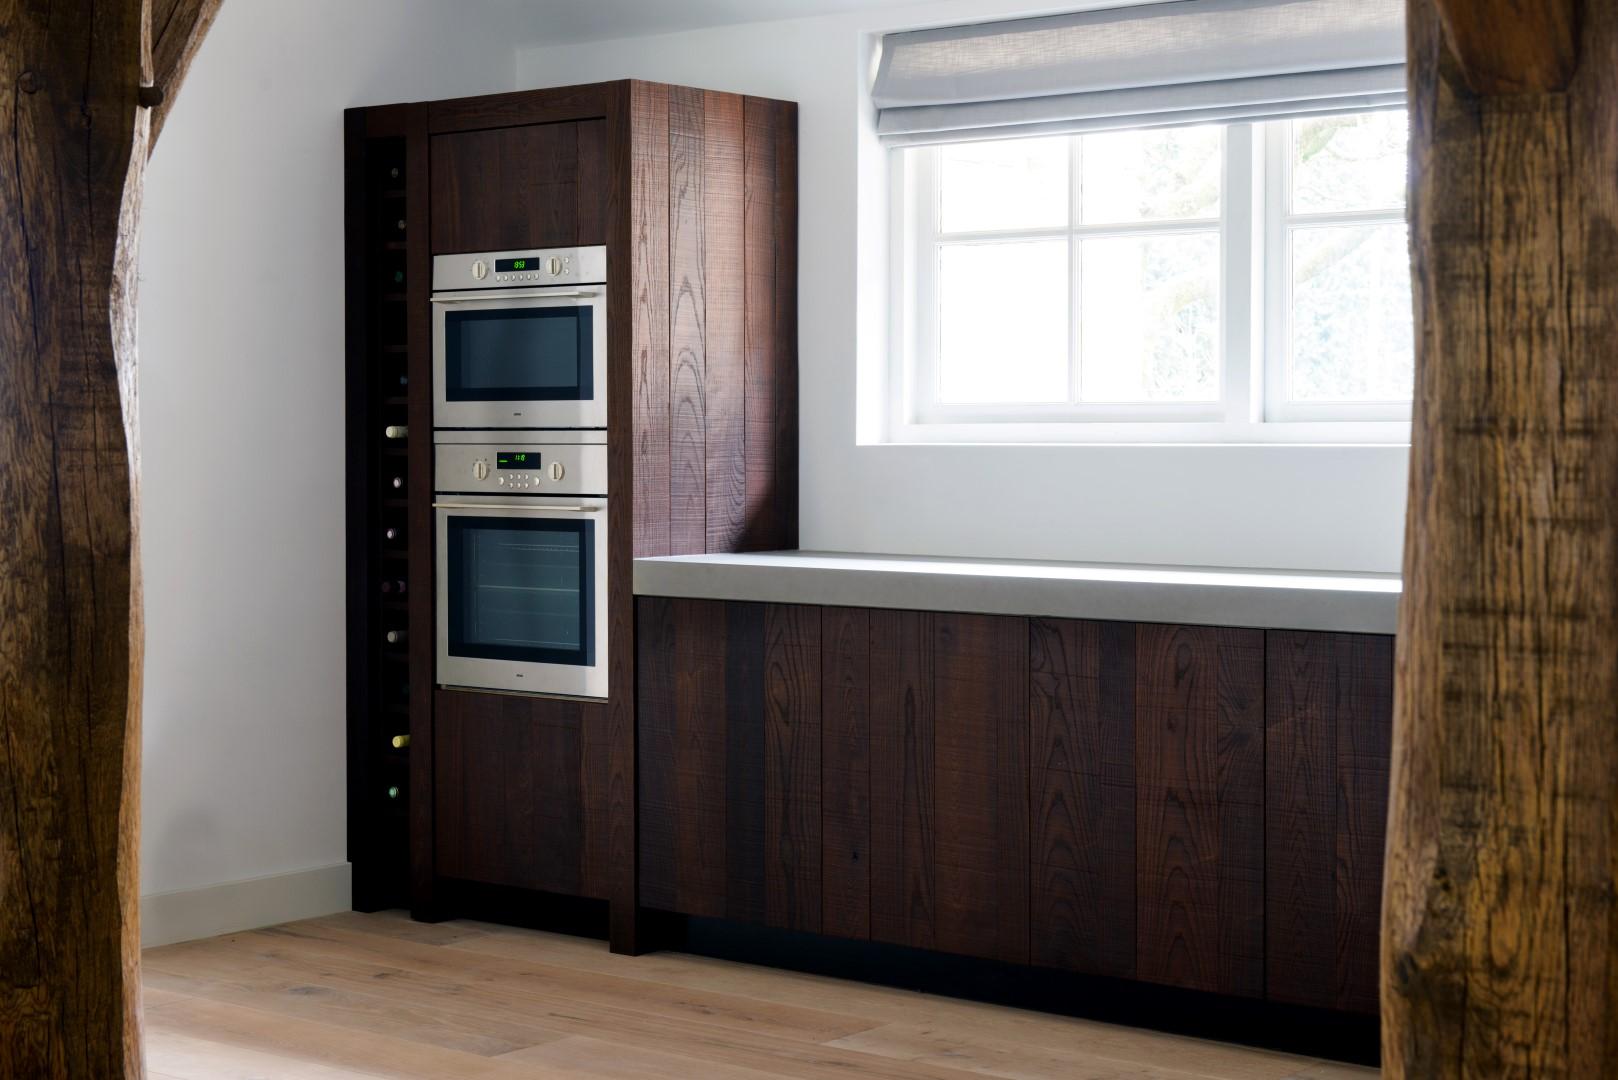 moderne houten keukens van jp walker  nieuws startpagina voor, Meubels Ideeën